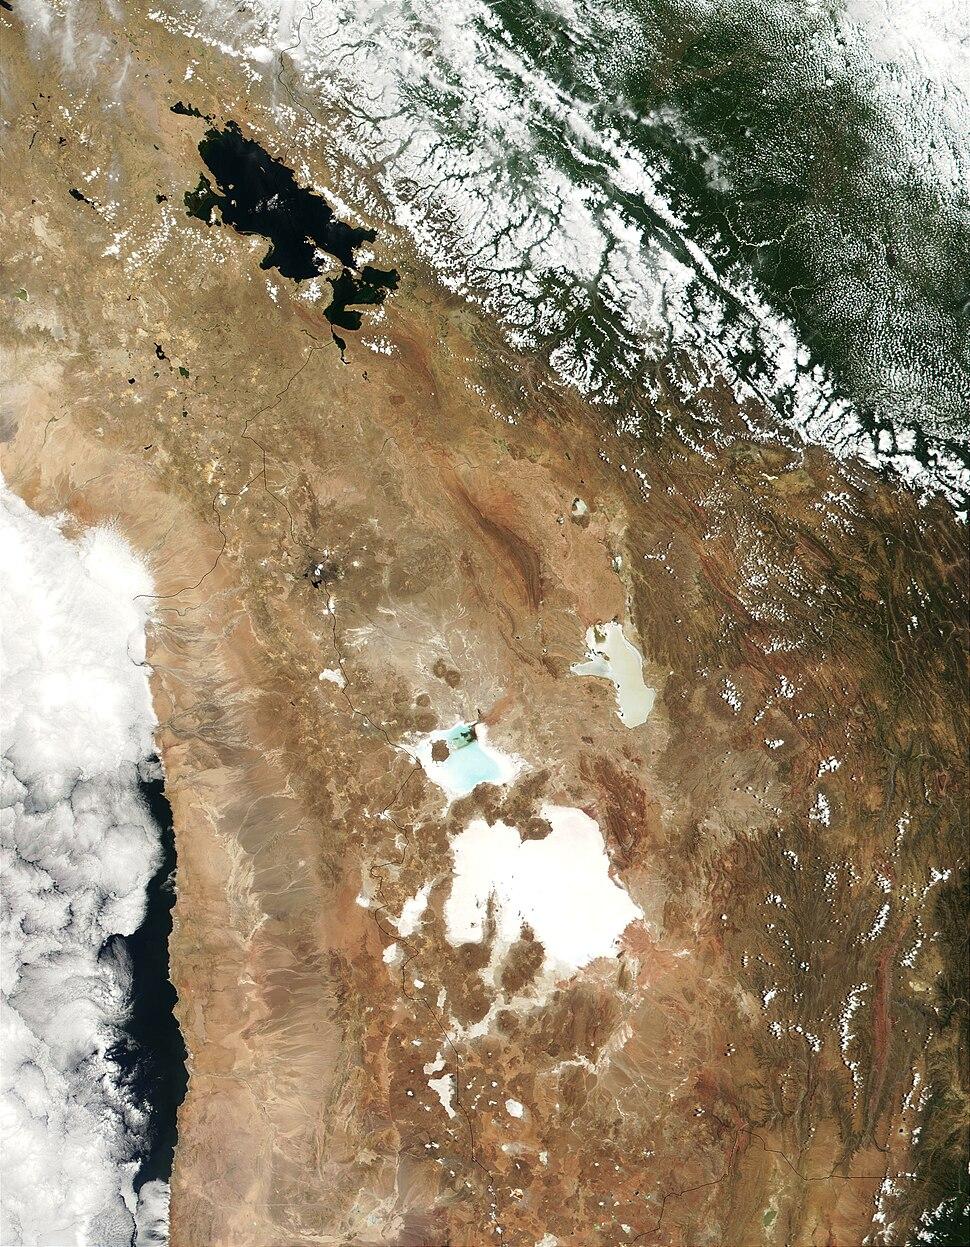 Lake Titicaca Modis Sensor Nov 4 2001